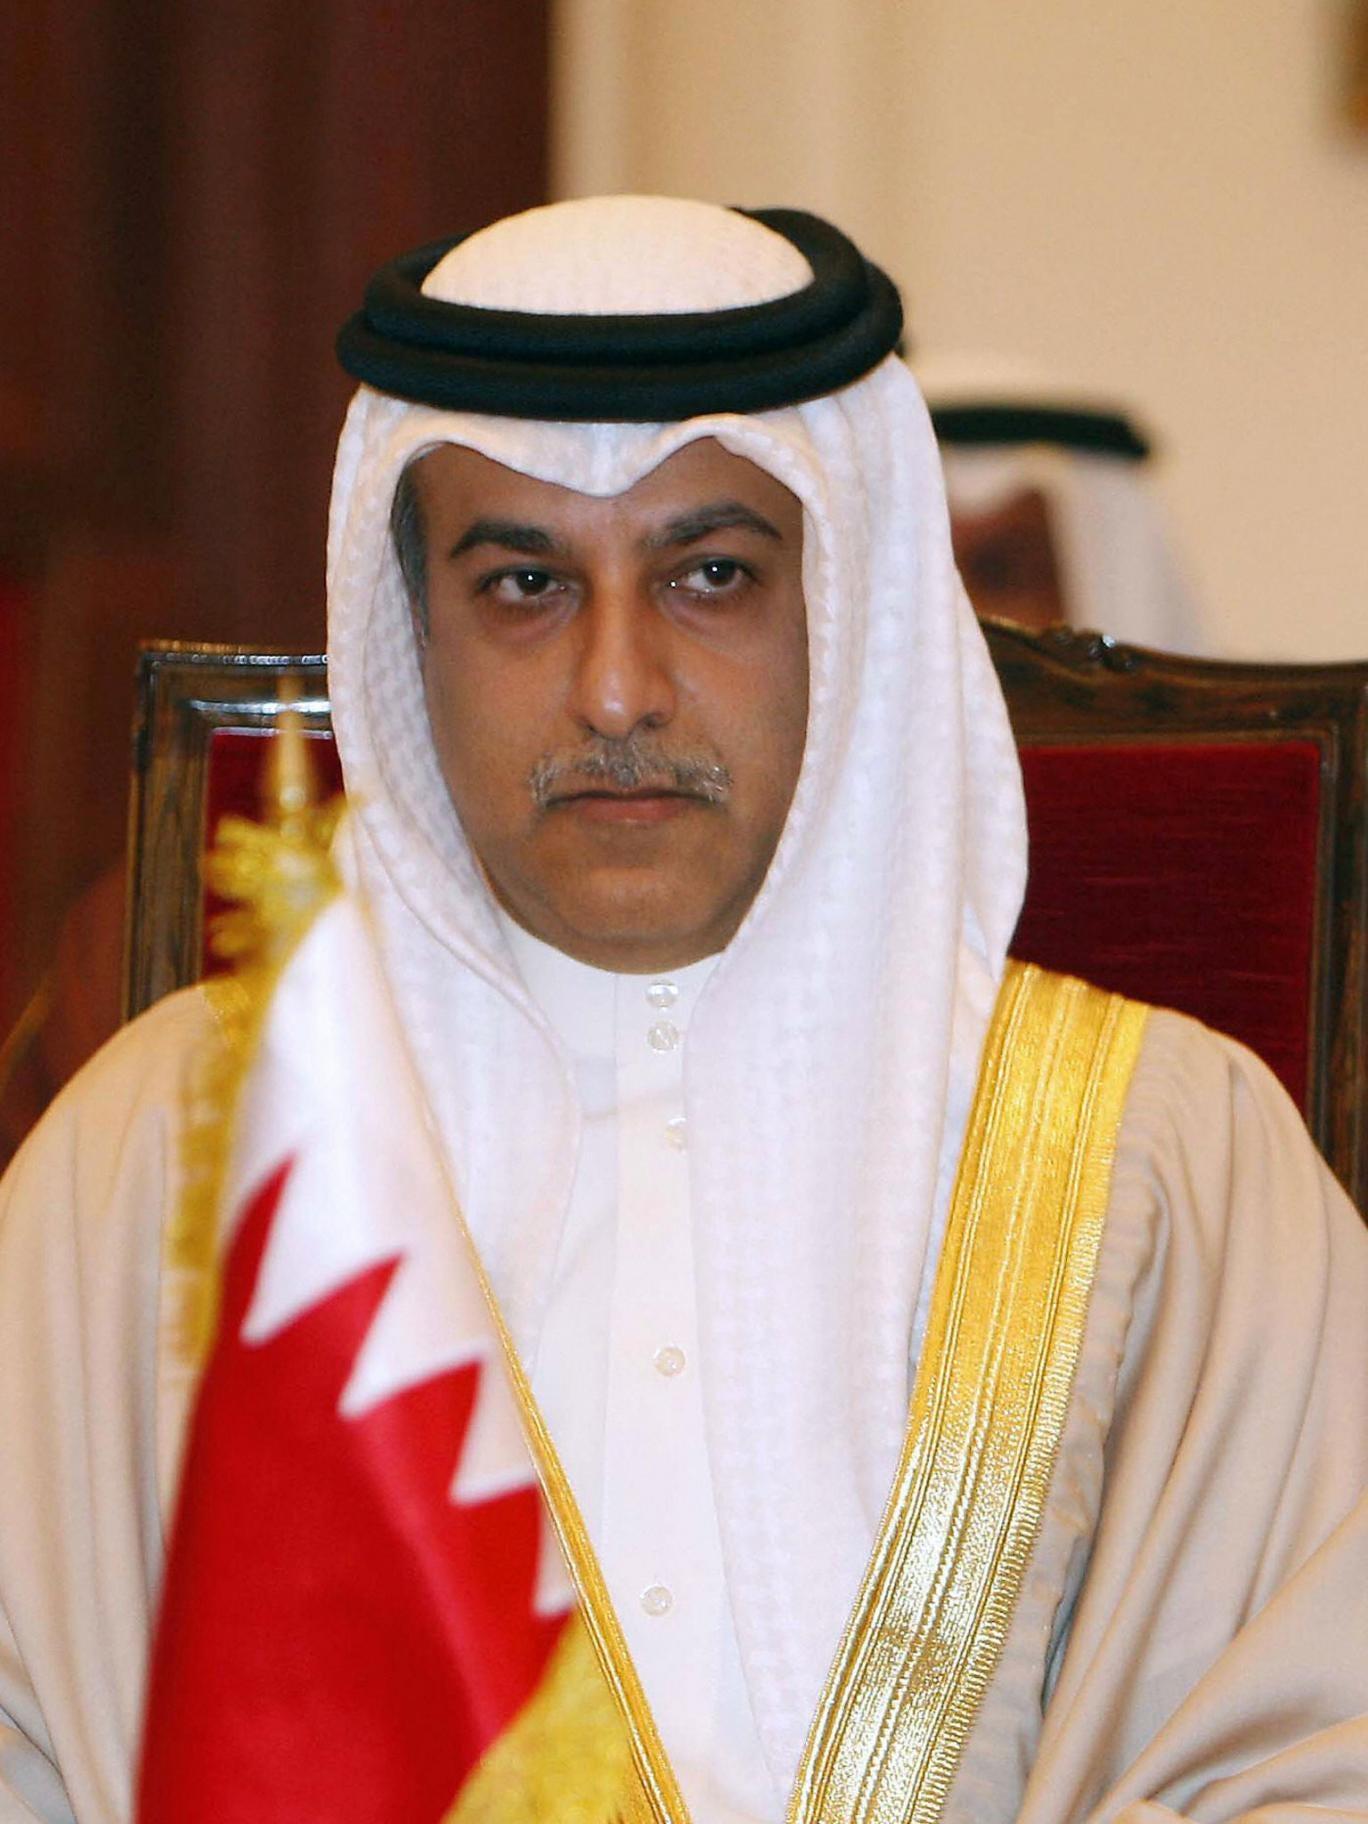 Bahraini Sheikh Salman bin Ibrahim al-Khalifa